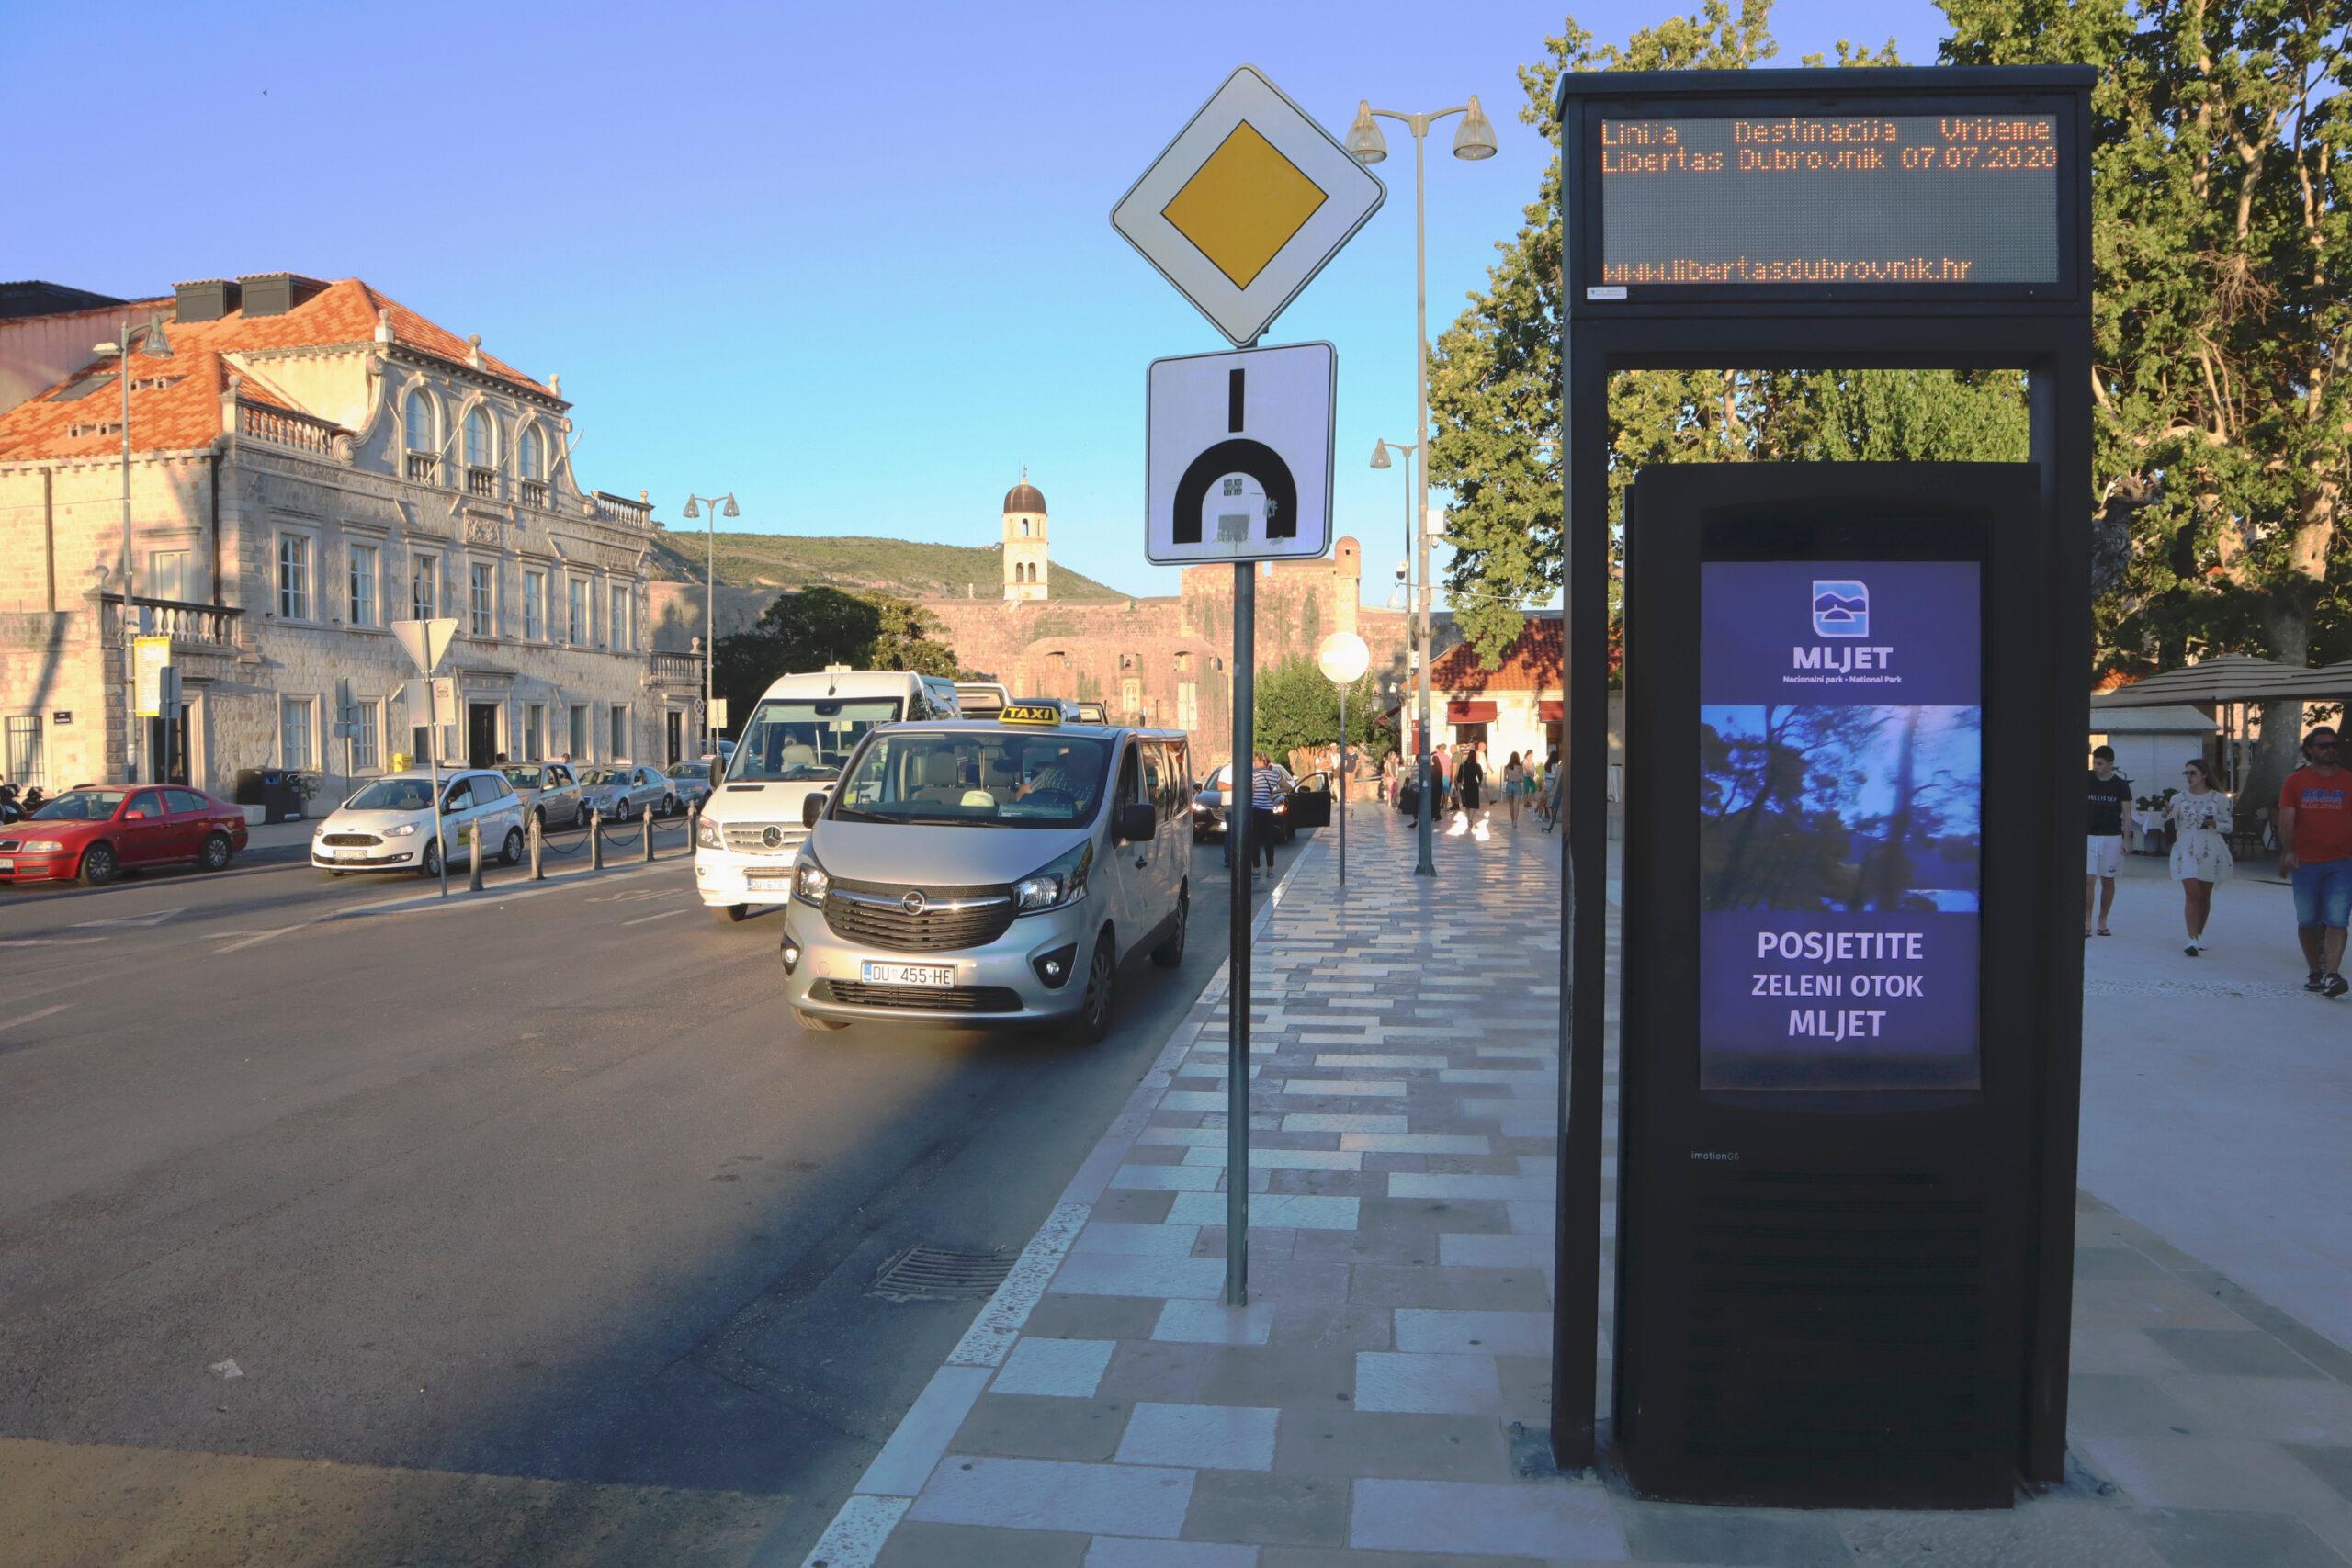 Promocija NP Mljet u Dubrovniku